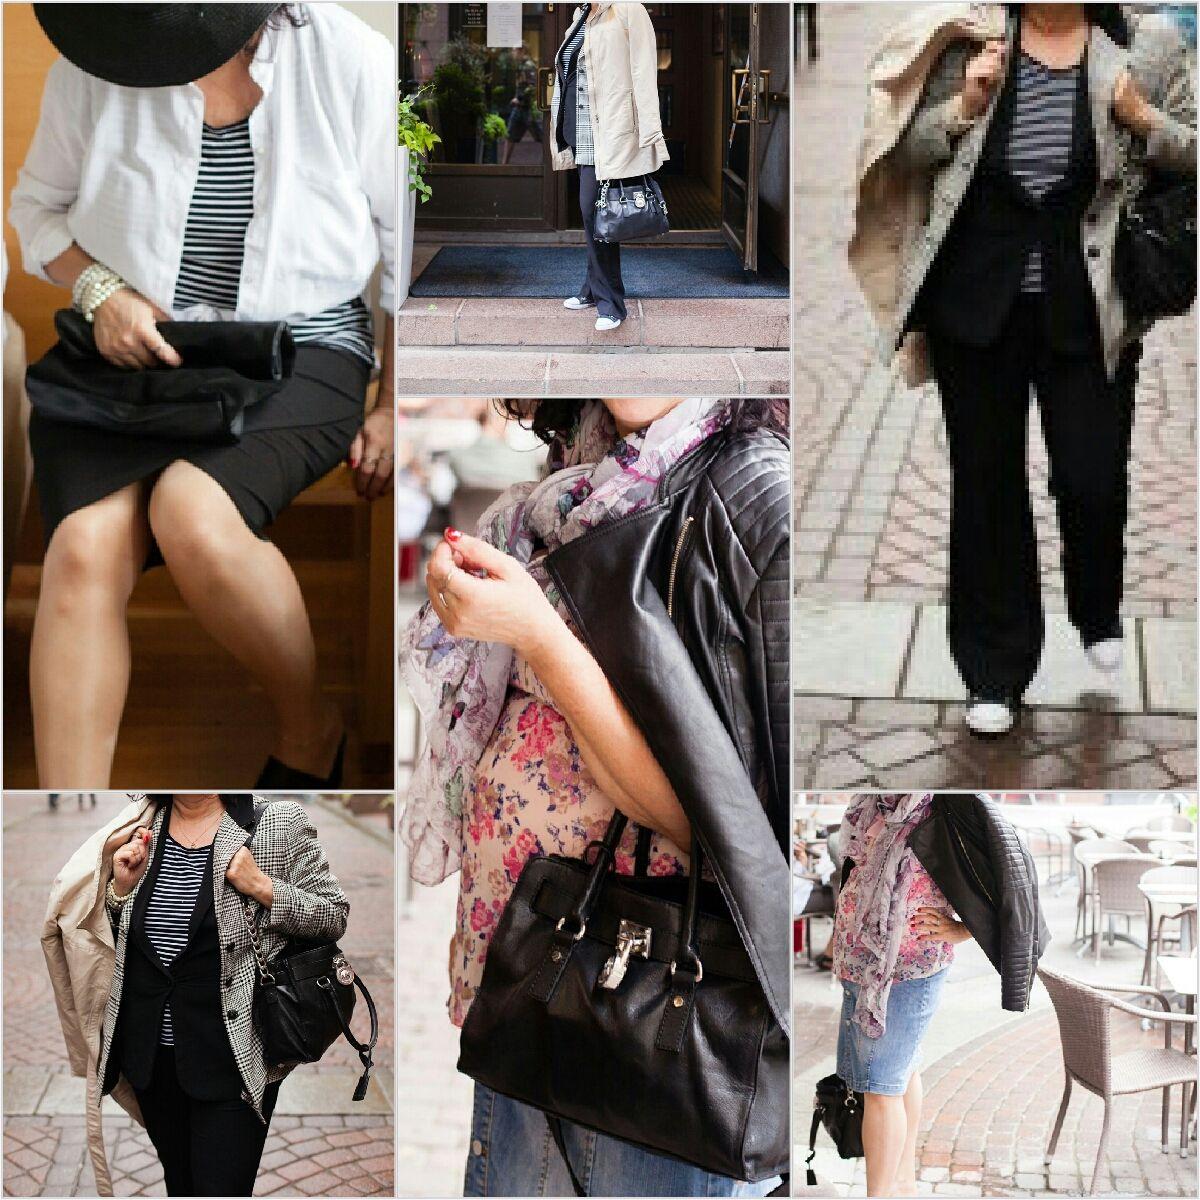 MINÄ&KESÄ Tykkään käyttää Hameita, shortseja ja mekkoja. Housuja käytän kun ilmat ovat viileämmät. Minä Tykkään Keväällä&Kesällä VÄRIKKÄISTÄ, erilaisista väreistä&Kuoseista. Minulla on …